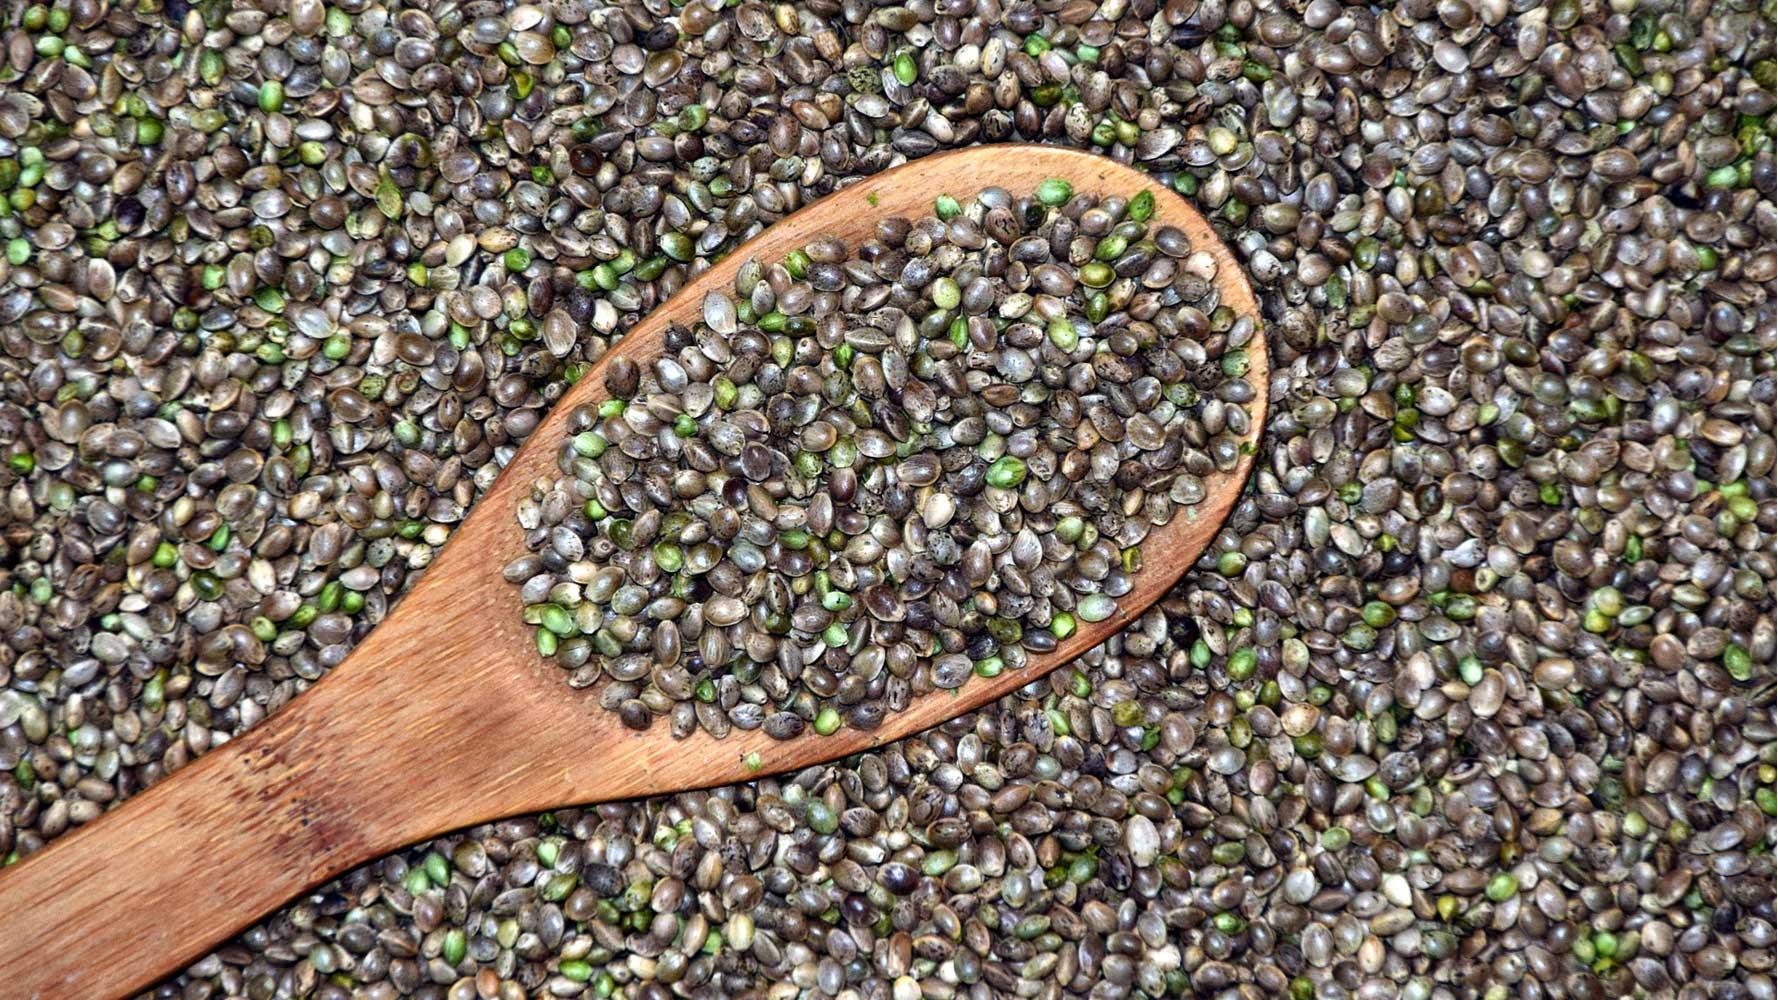 Kenevir tohumu fiyatları,Kenevir tohumu piyasası, Kenevir tohumu resmi